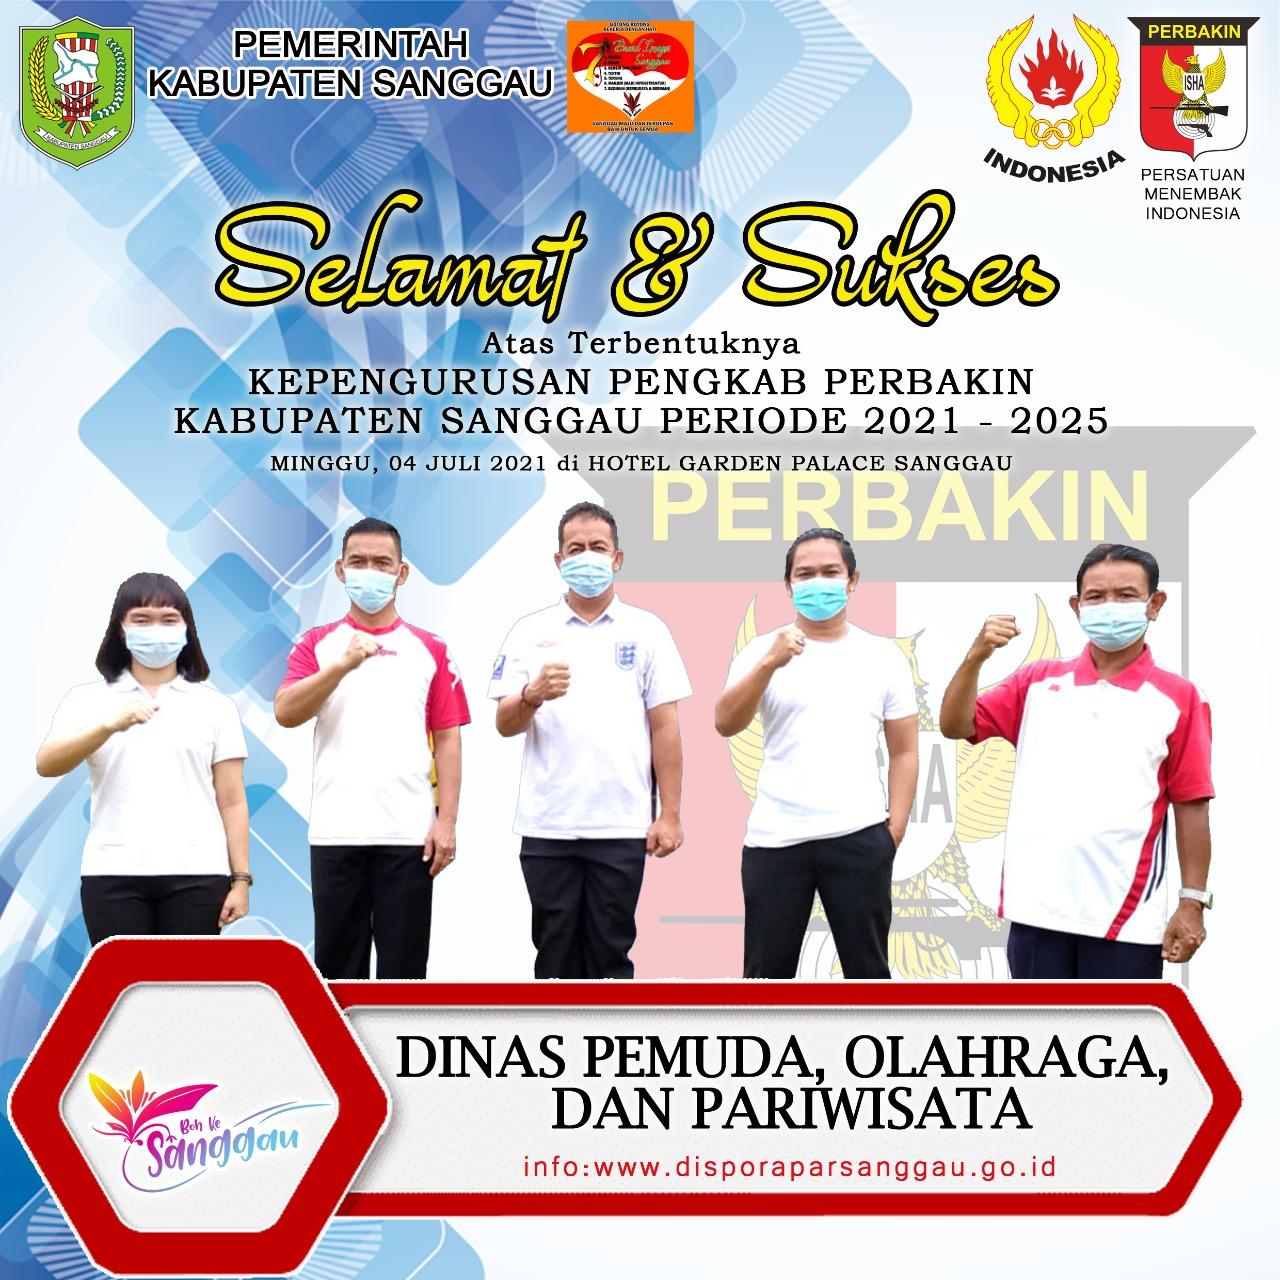 Persatuan Penembak Indonesia (PERBAKIN) Kabupaten Sanggau